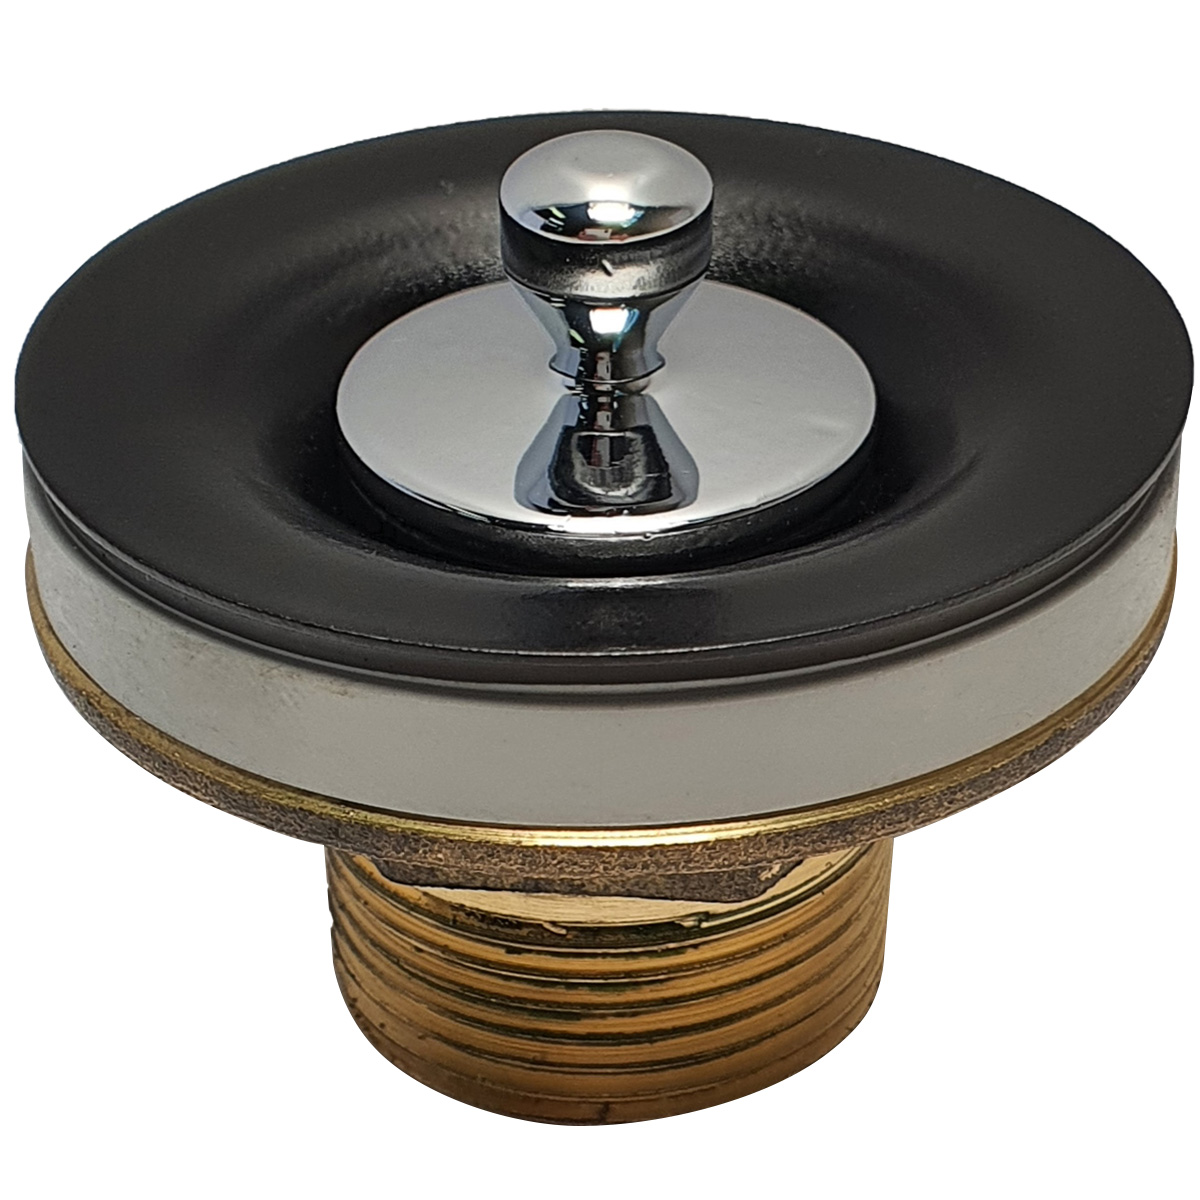 Válvula de Escoamento Deca Luxo Preto para lavatório - 1602PTCR